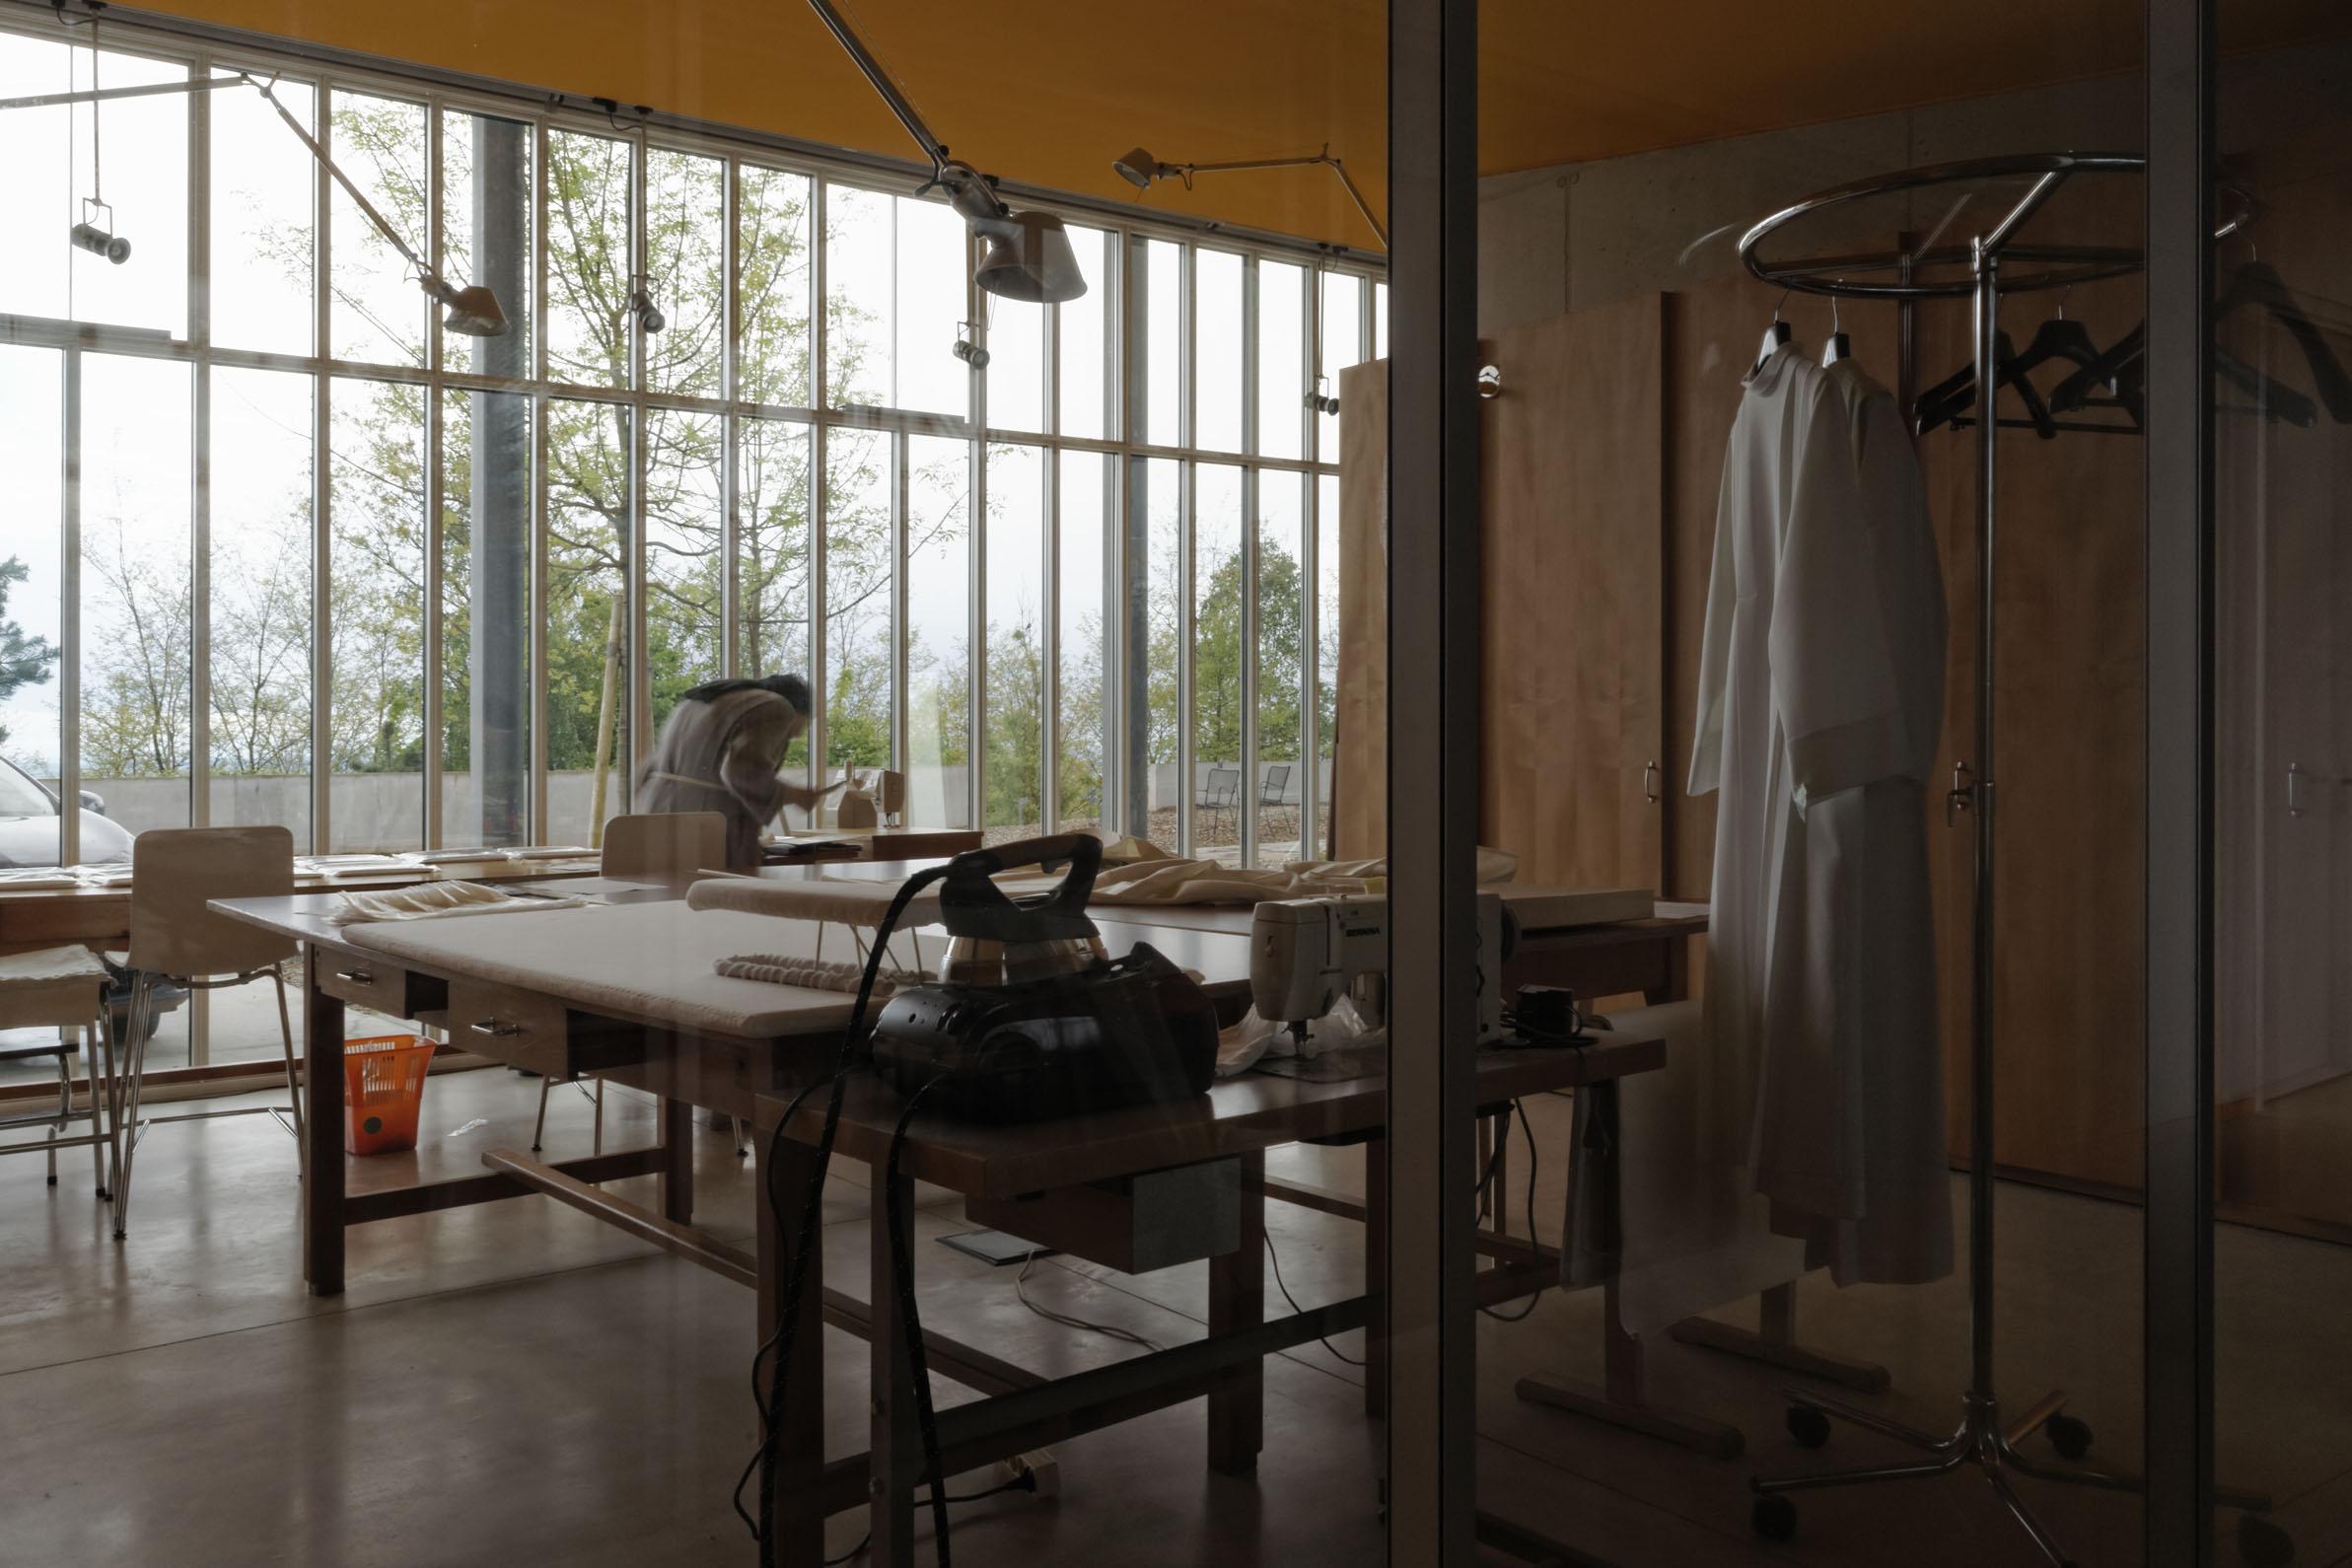 Laboratorio di cucito (foto Quentin Coussirat)